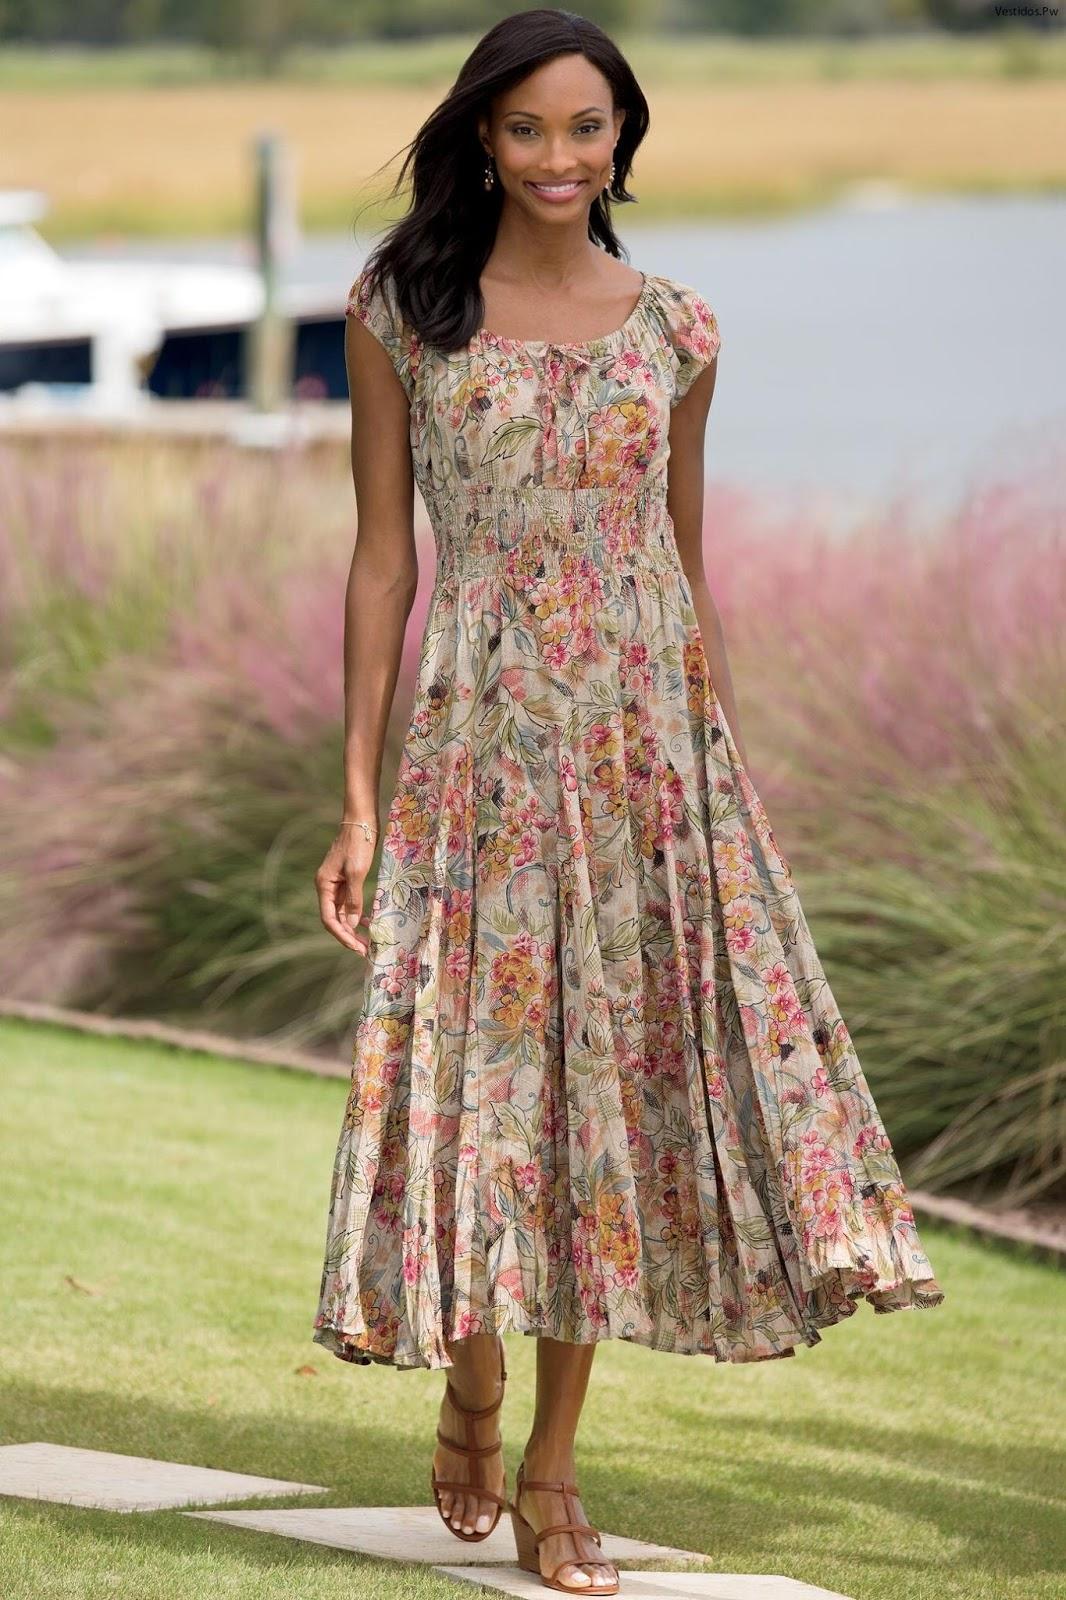 46 【FOTOS】 Ideas de Vestidos Campesinos ¡Viste Muy Cómoda Esta Temporada! |  Vestidos | Moda 2019 - 2020